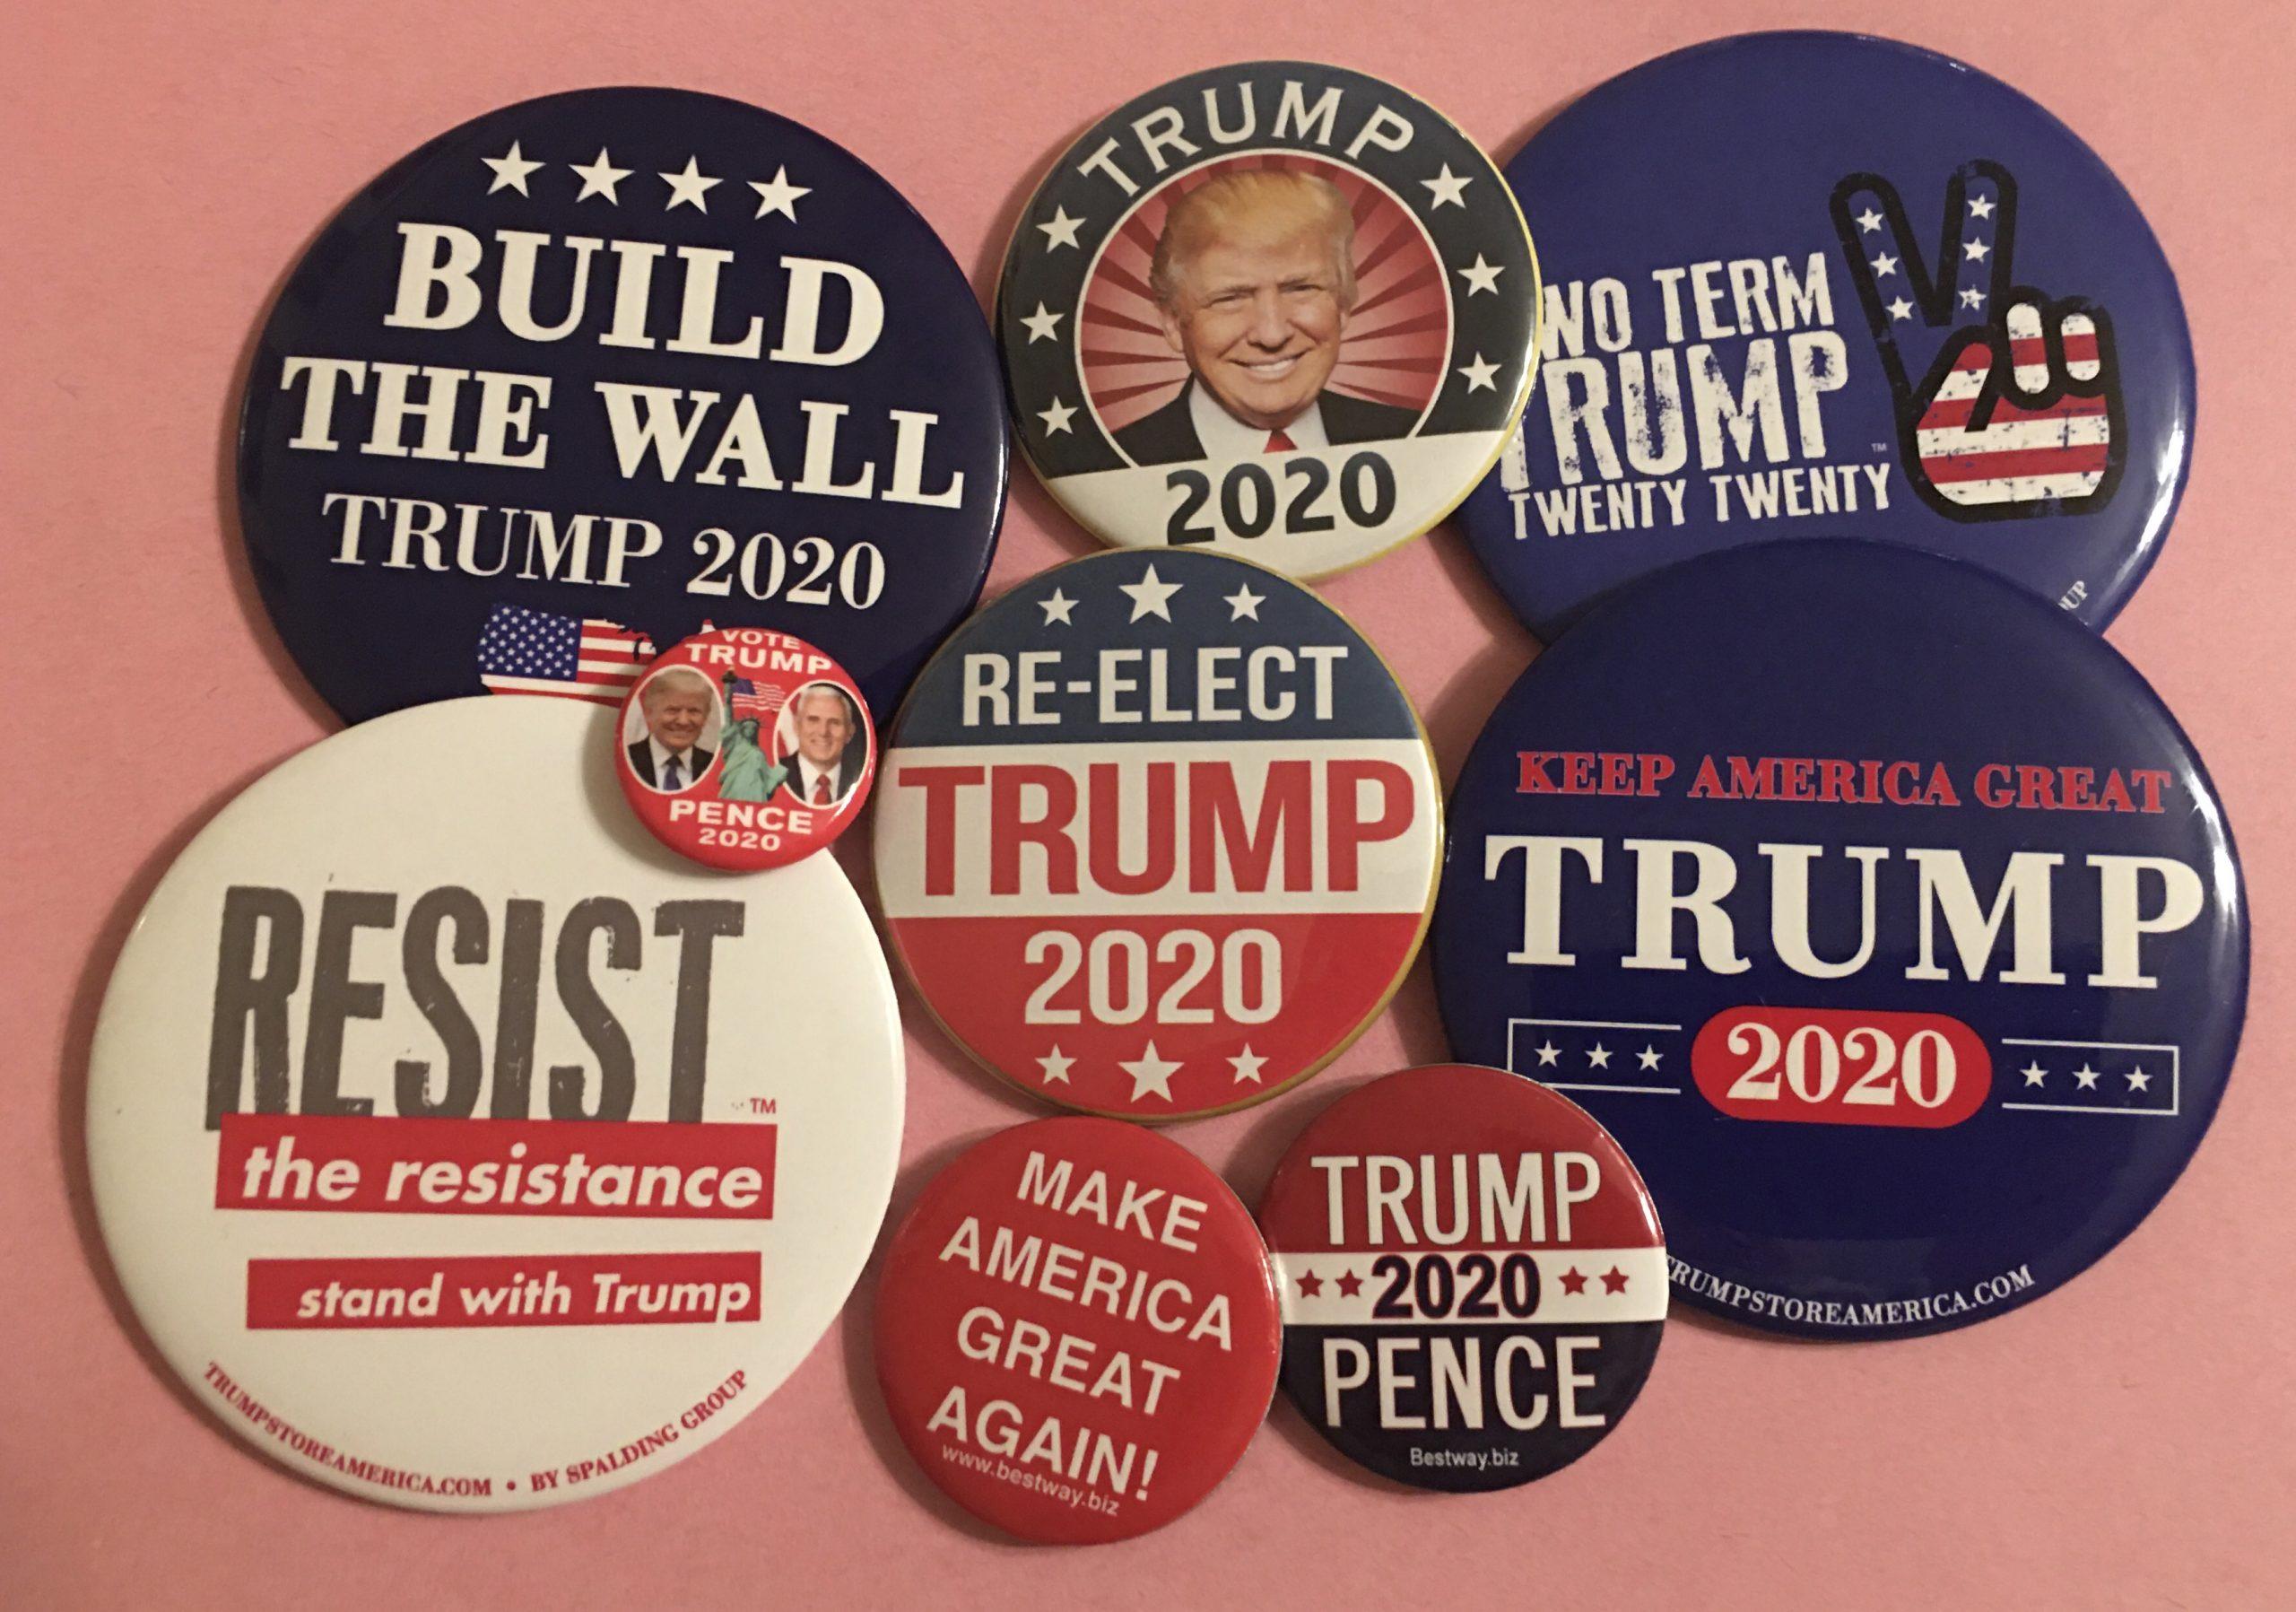 Trump 2020 buttons